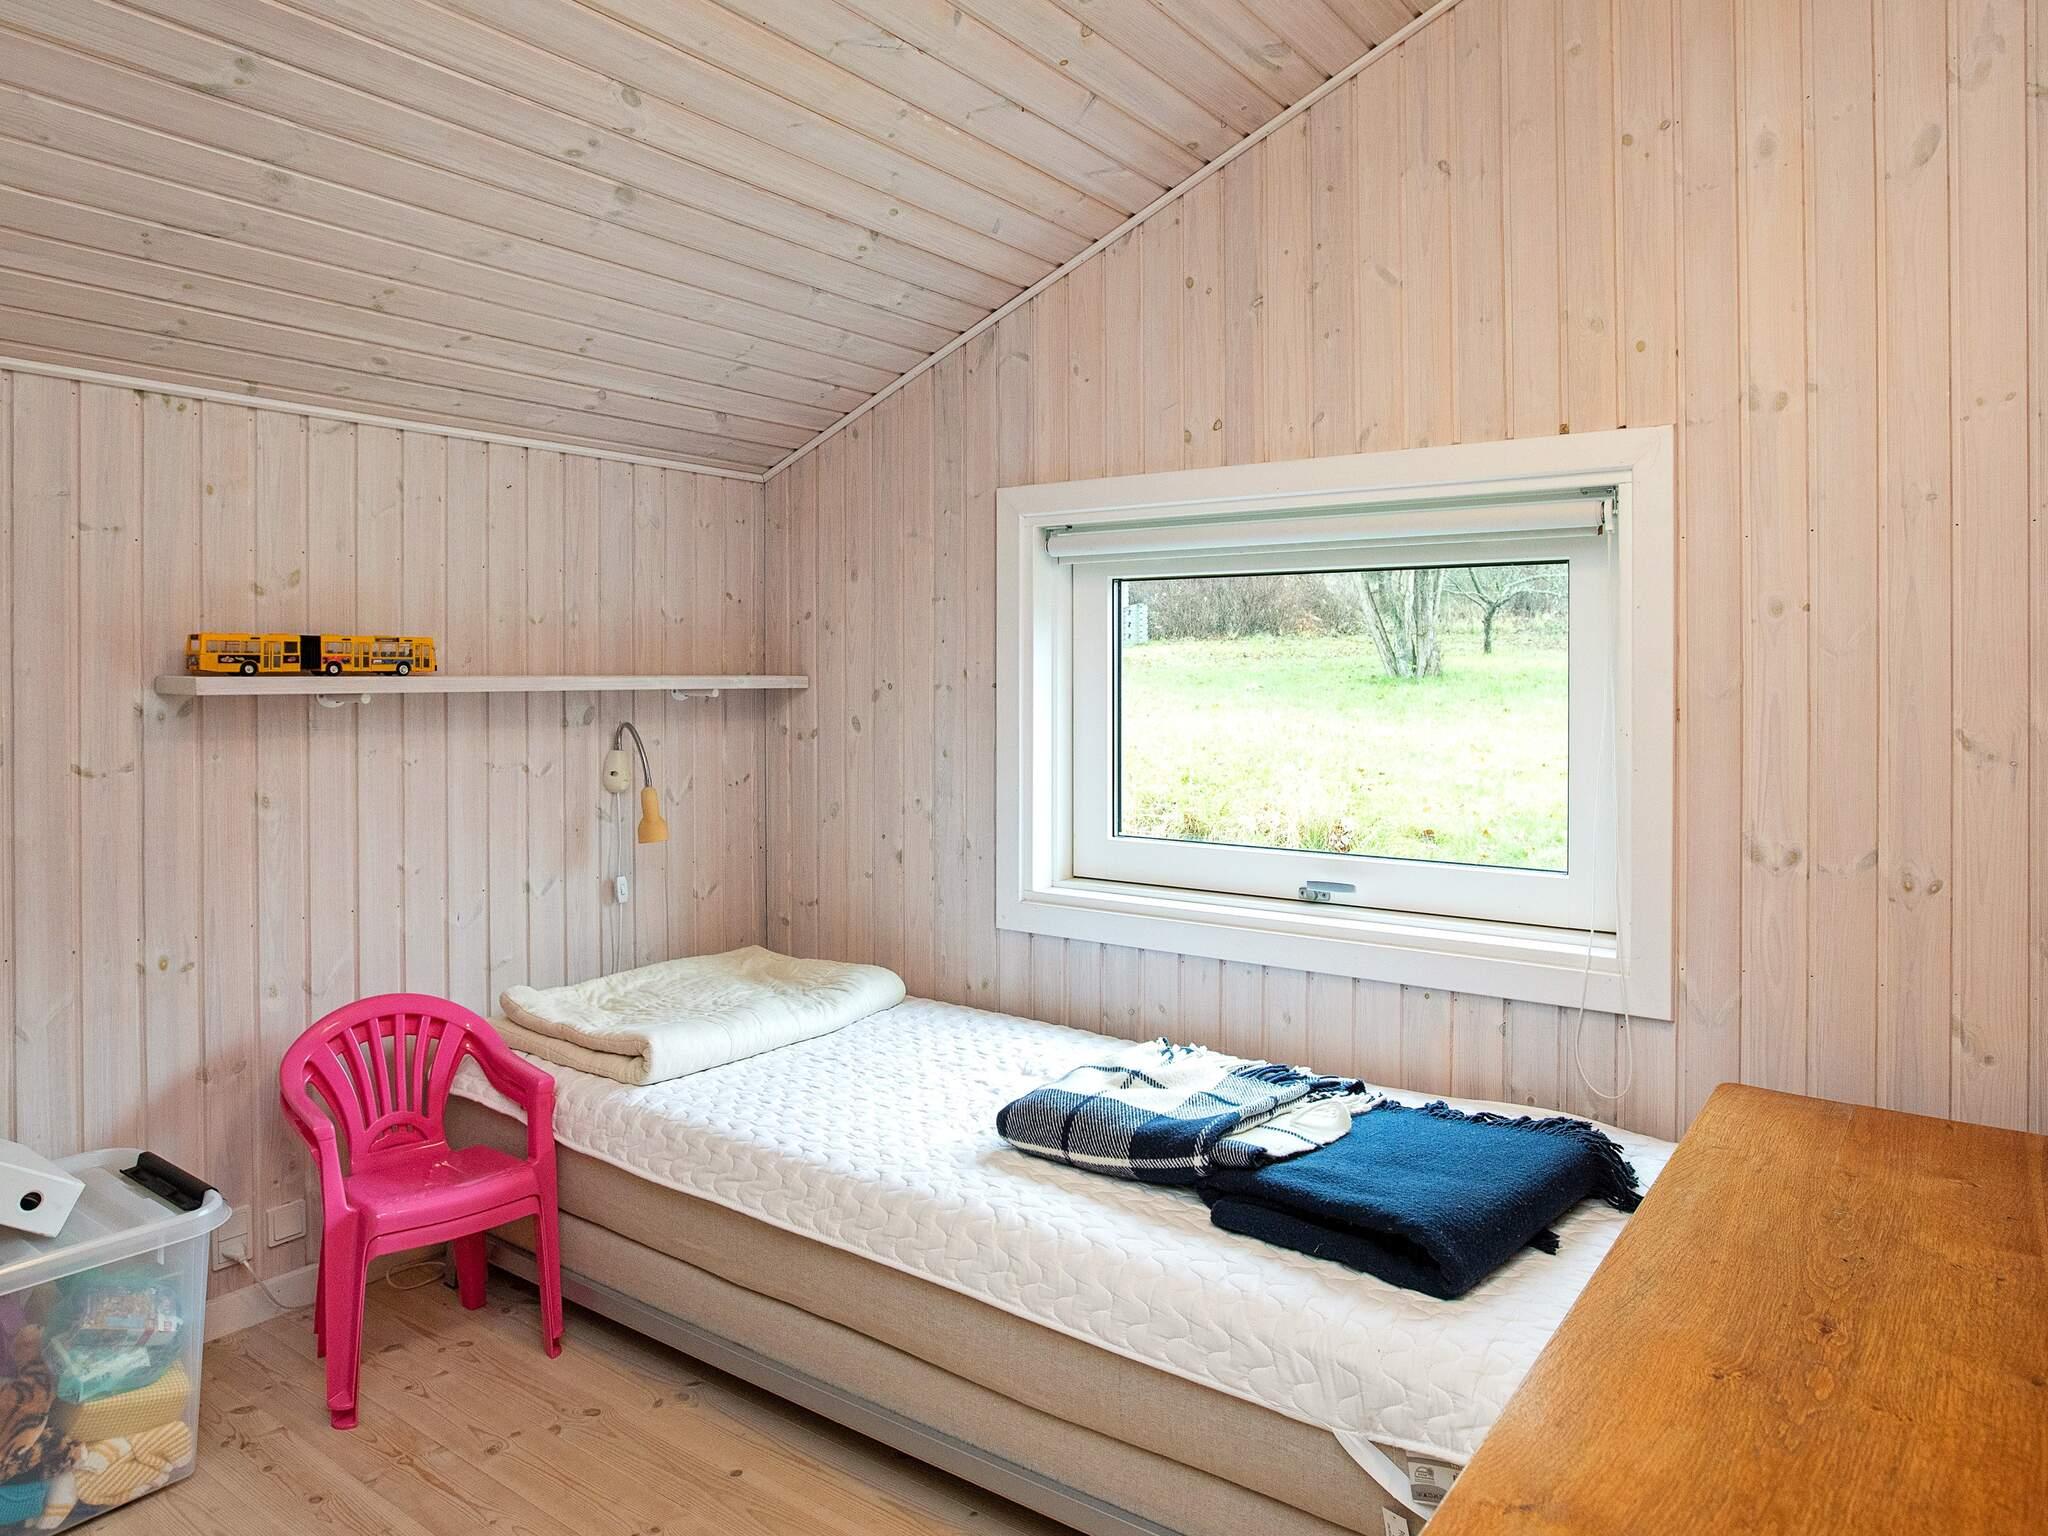 Ferienhaus Vejby (2701529), Vejby, , Nordseeland, Dänemark, Bild 14